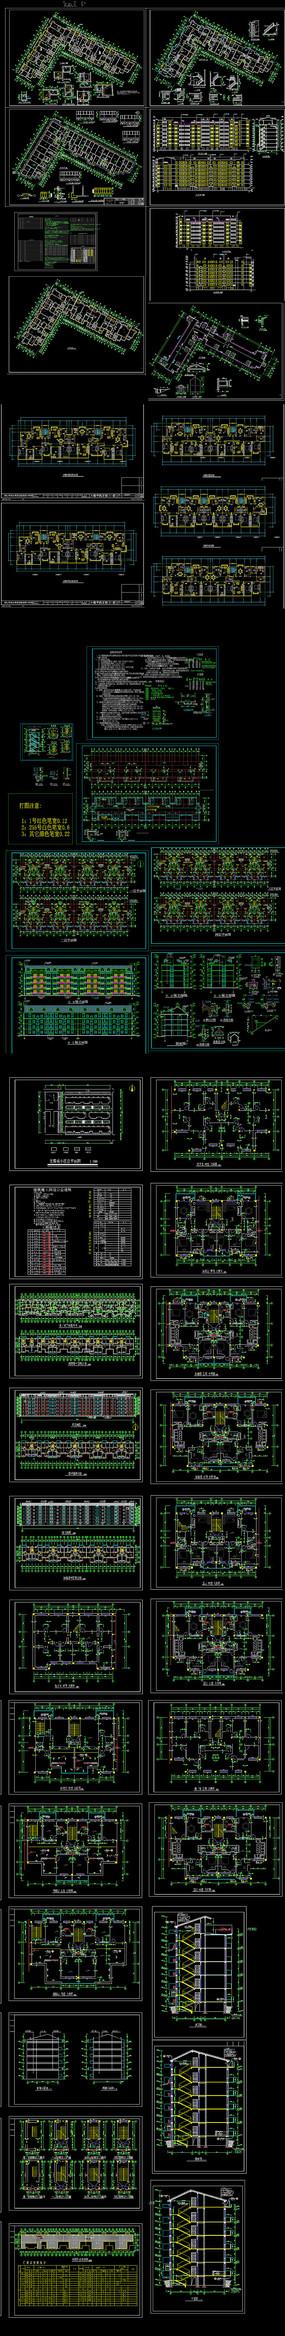 多层住宅建筑总图